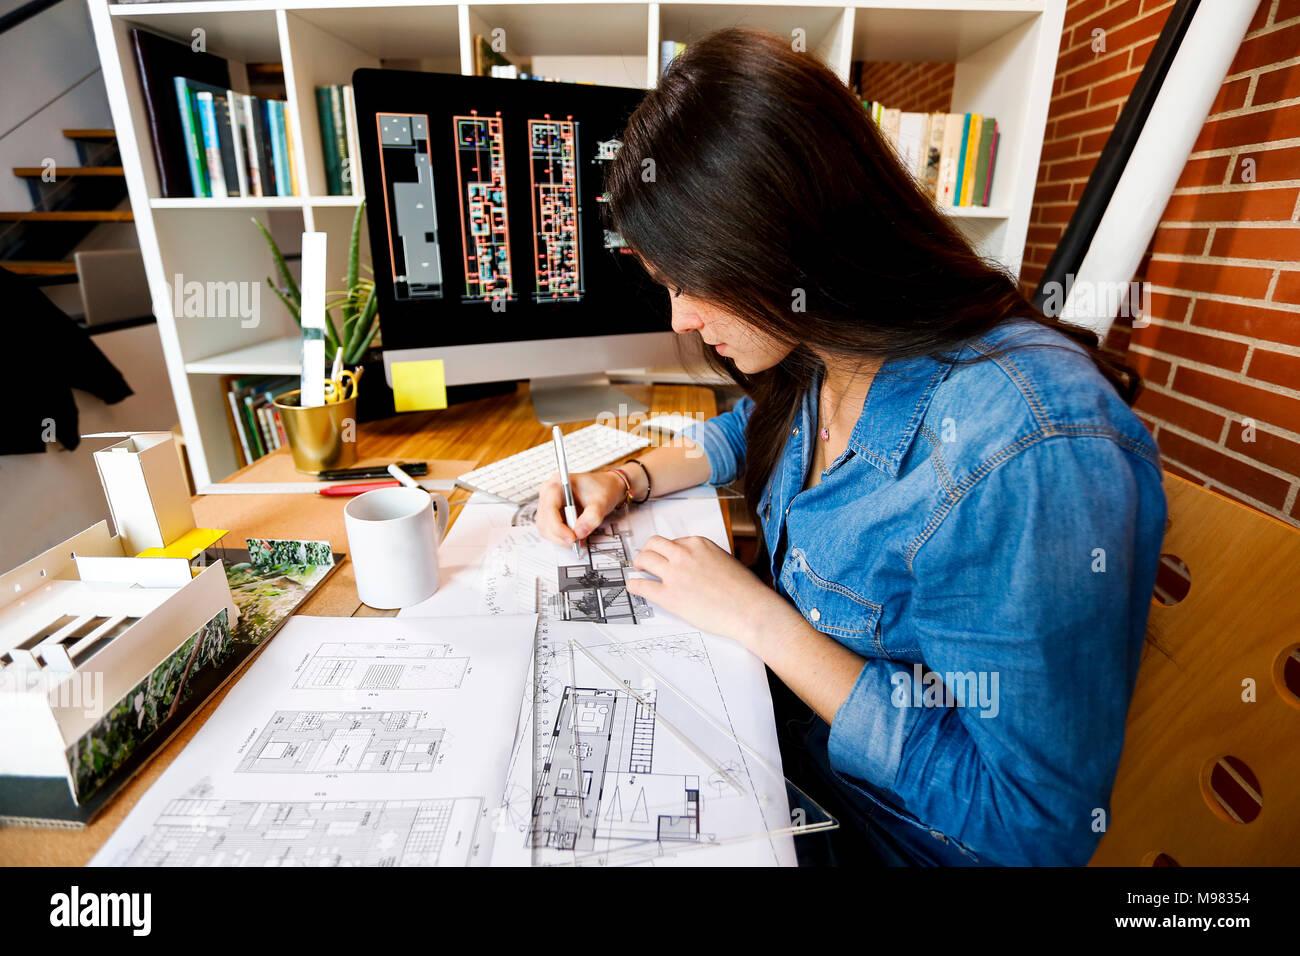 Joven que trabaja en la oficina de arquitectura, planos de dibujo Imagen De Stock